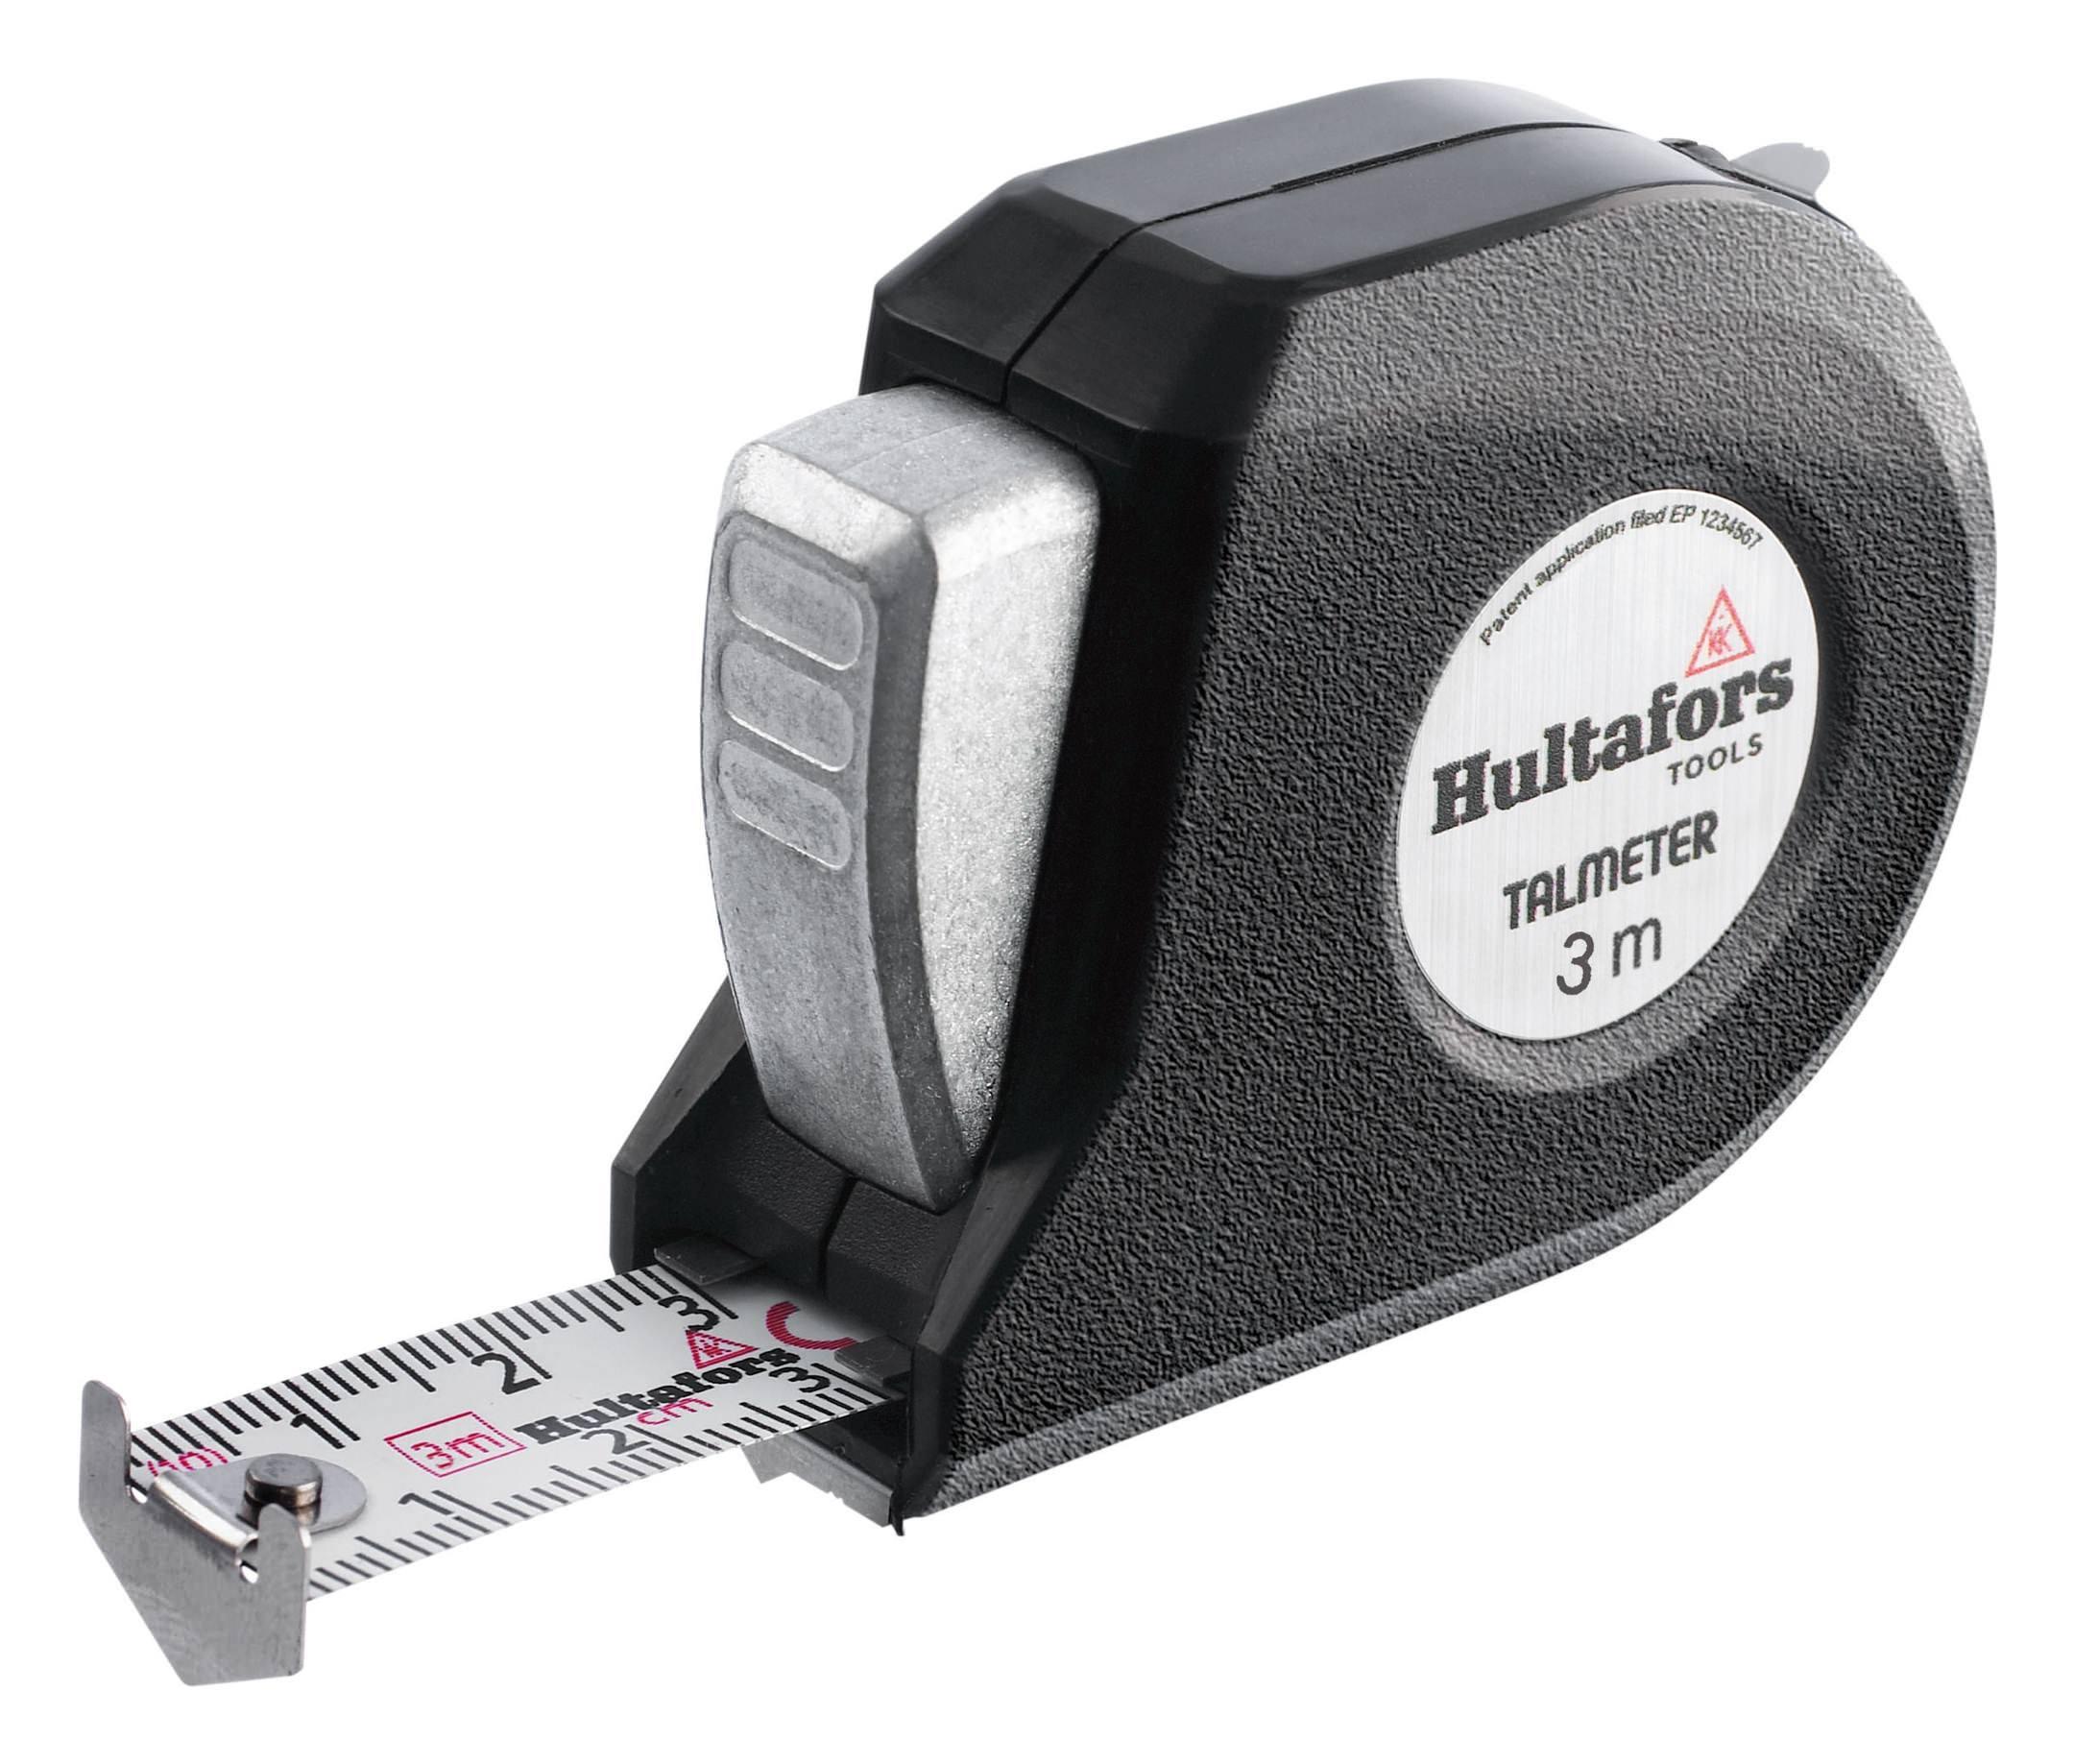 Hultafors Talmeter 3m x 16mm - 483120